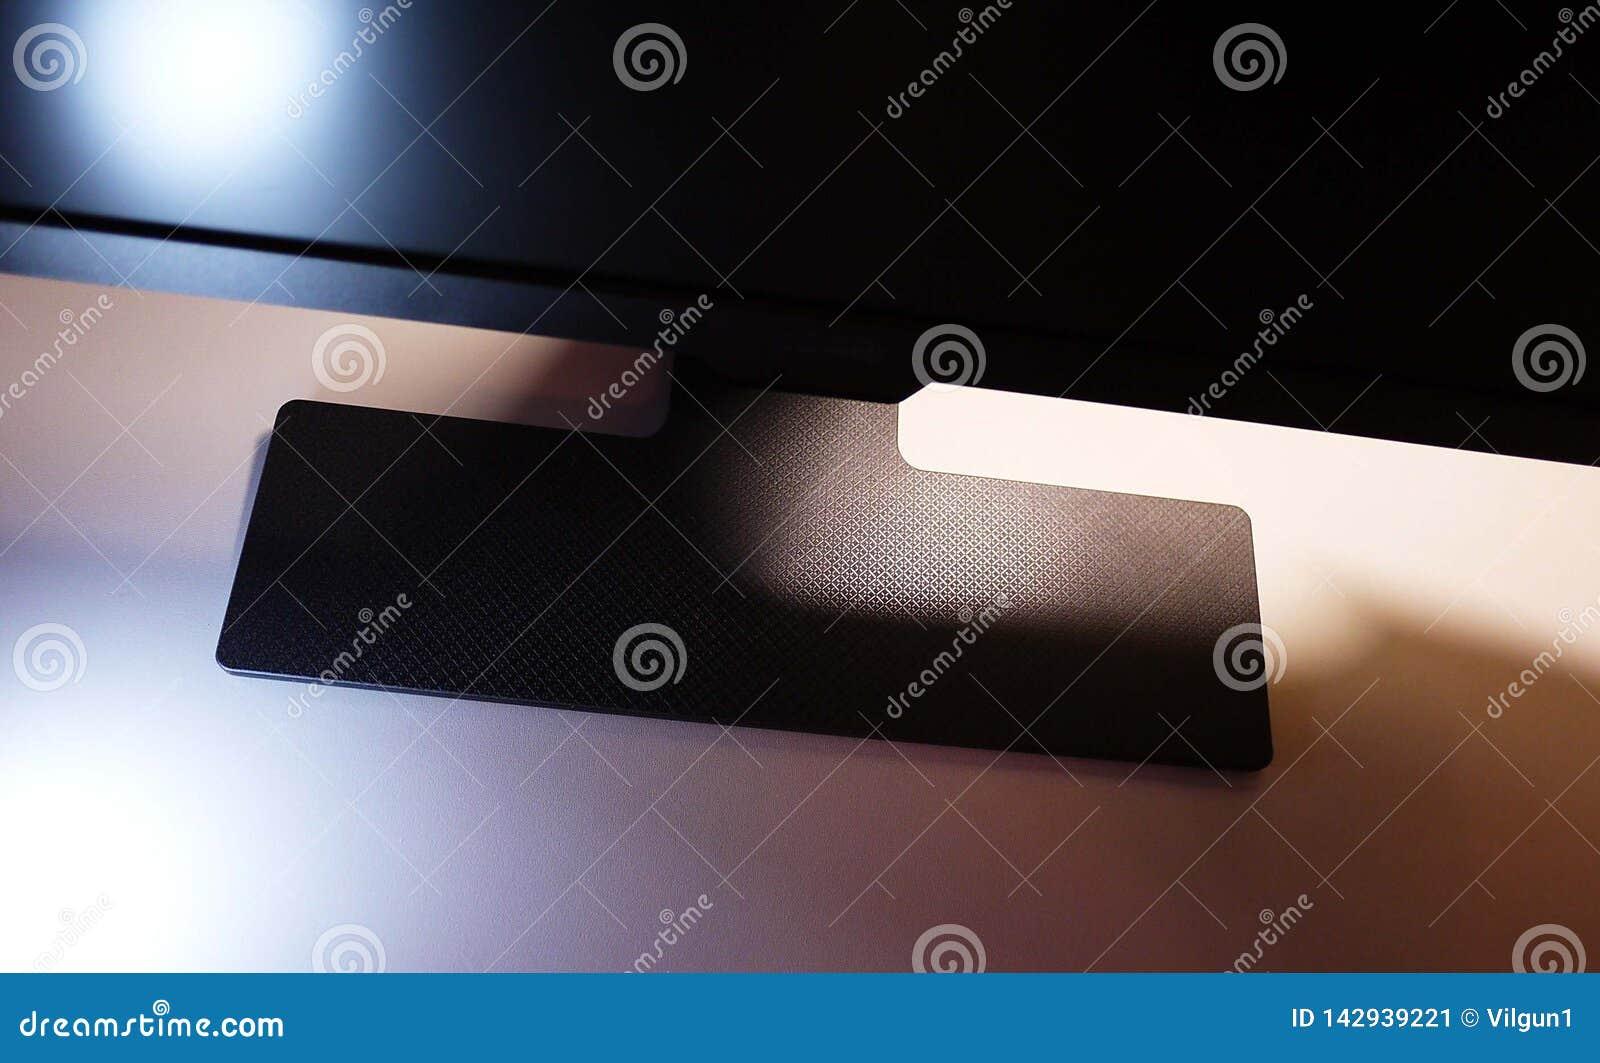 Όργανο ελέγχου ΔΙΕΘΝΏΝ ΕΙΔΗΣΕΟΓΡΑΦΙΚΏΝ ΠΡΑΚΤΟΡΕΊΩΝ LCD για τον εγχώριο υπολογιστή, υπολογιστής γραφείου με ένα προσωπικό Η/Υ και